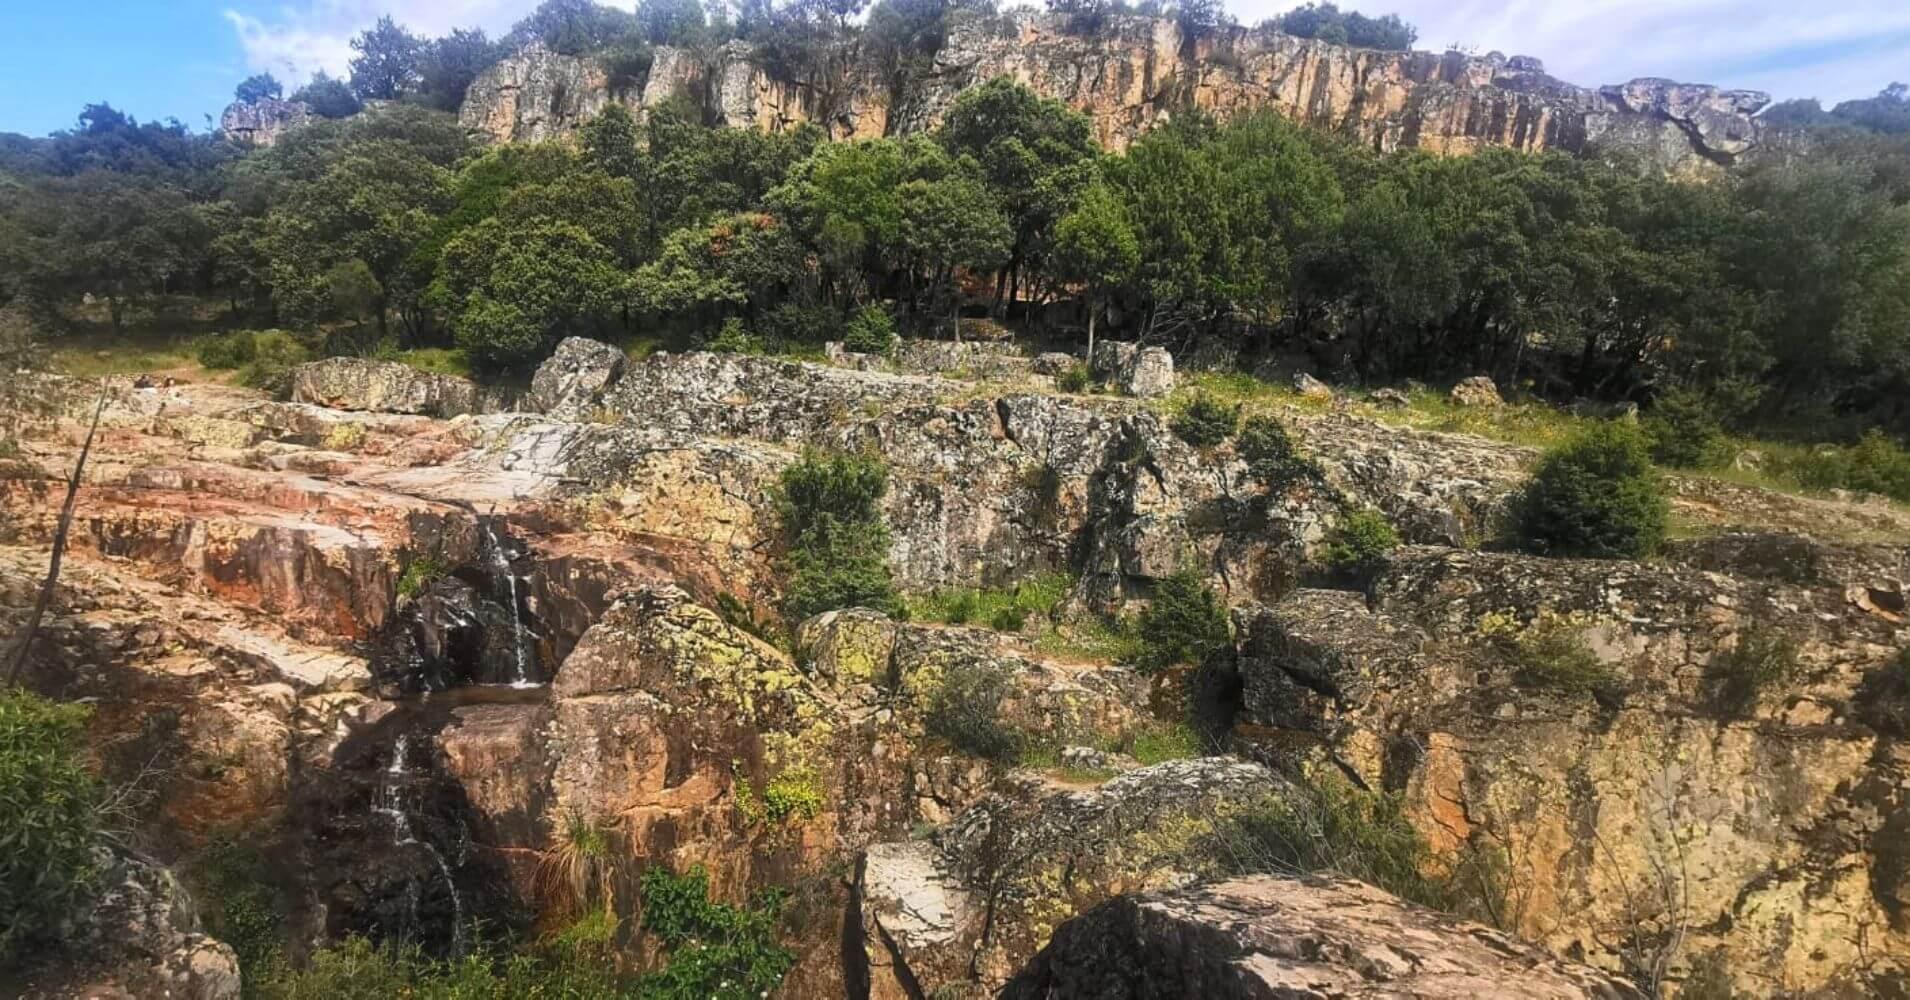 Roquedos del Parque Natural Valle de Alcudia y Sierra Madrona. Ciudad Real, Castilla La Mancha.